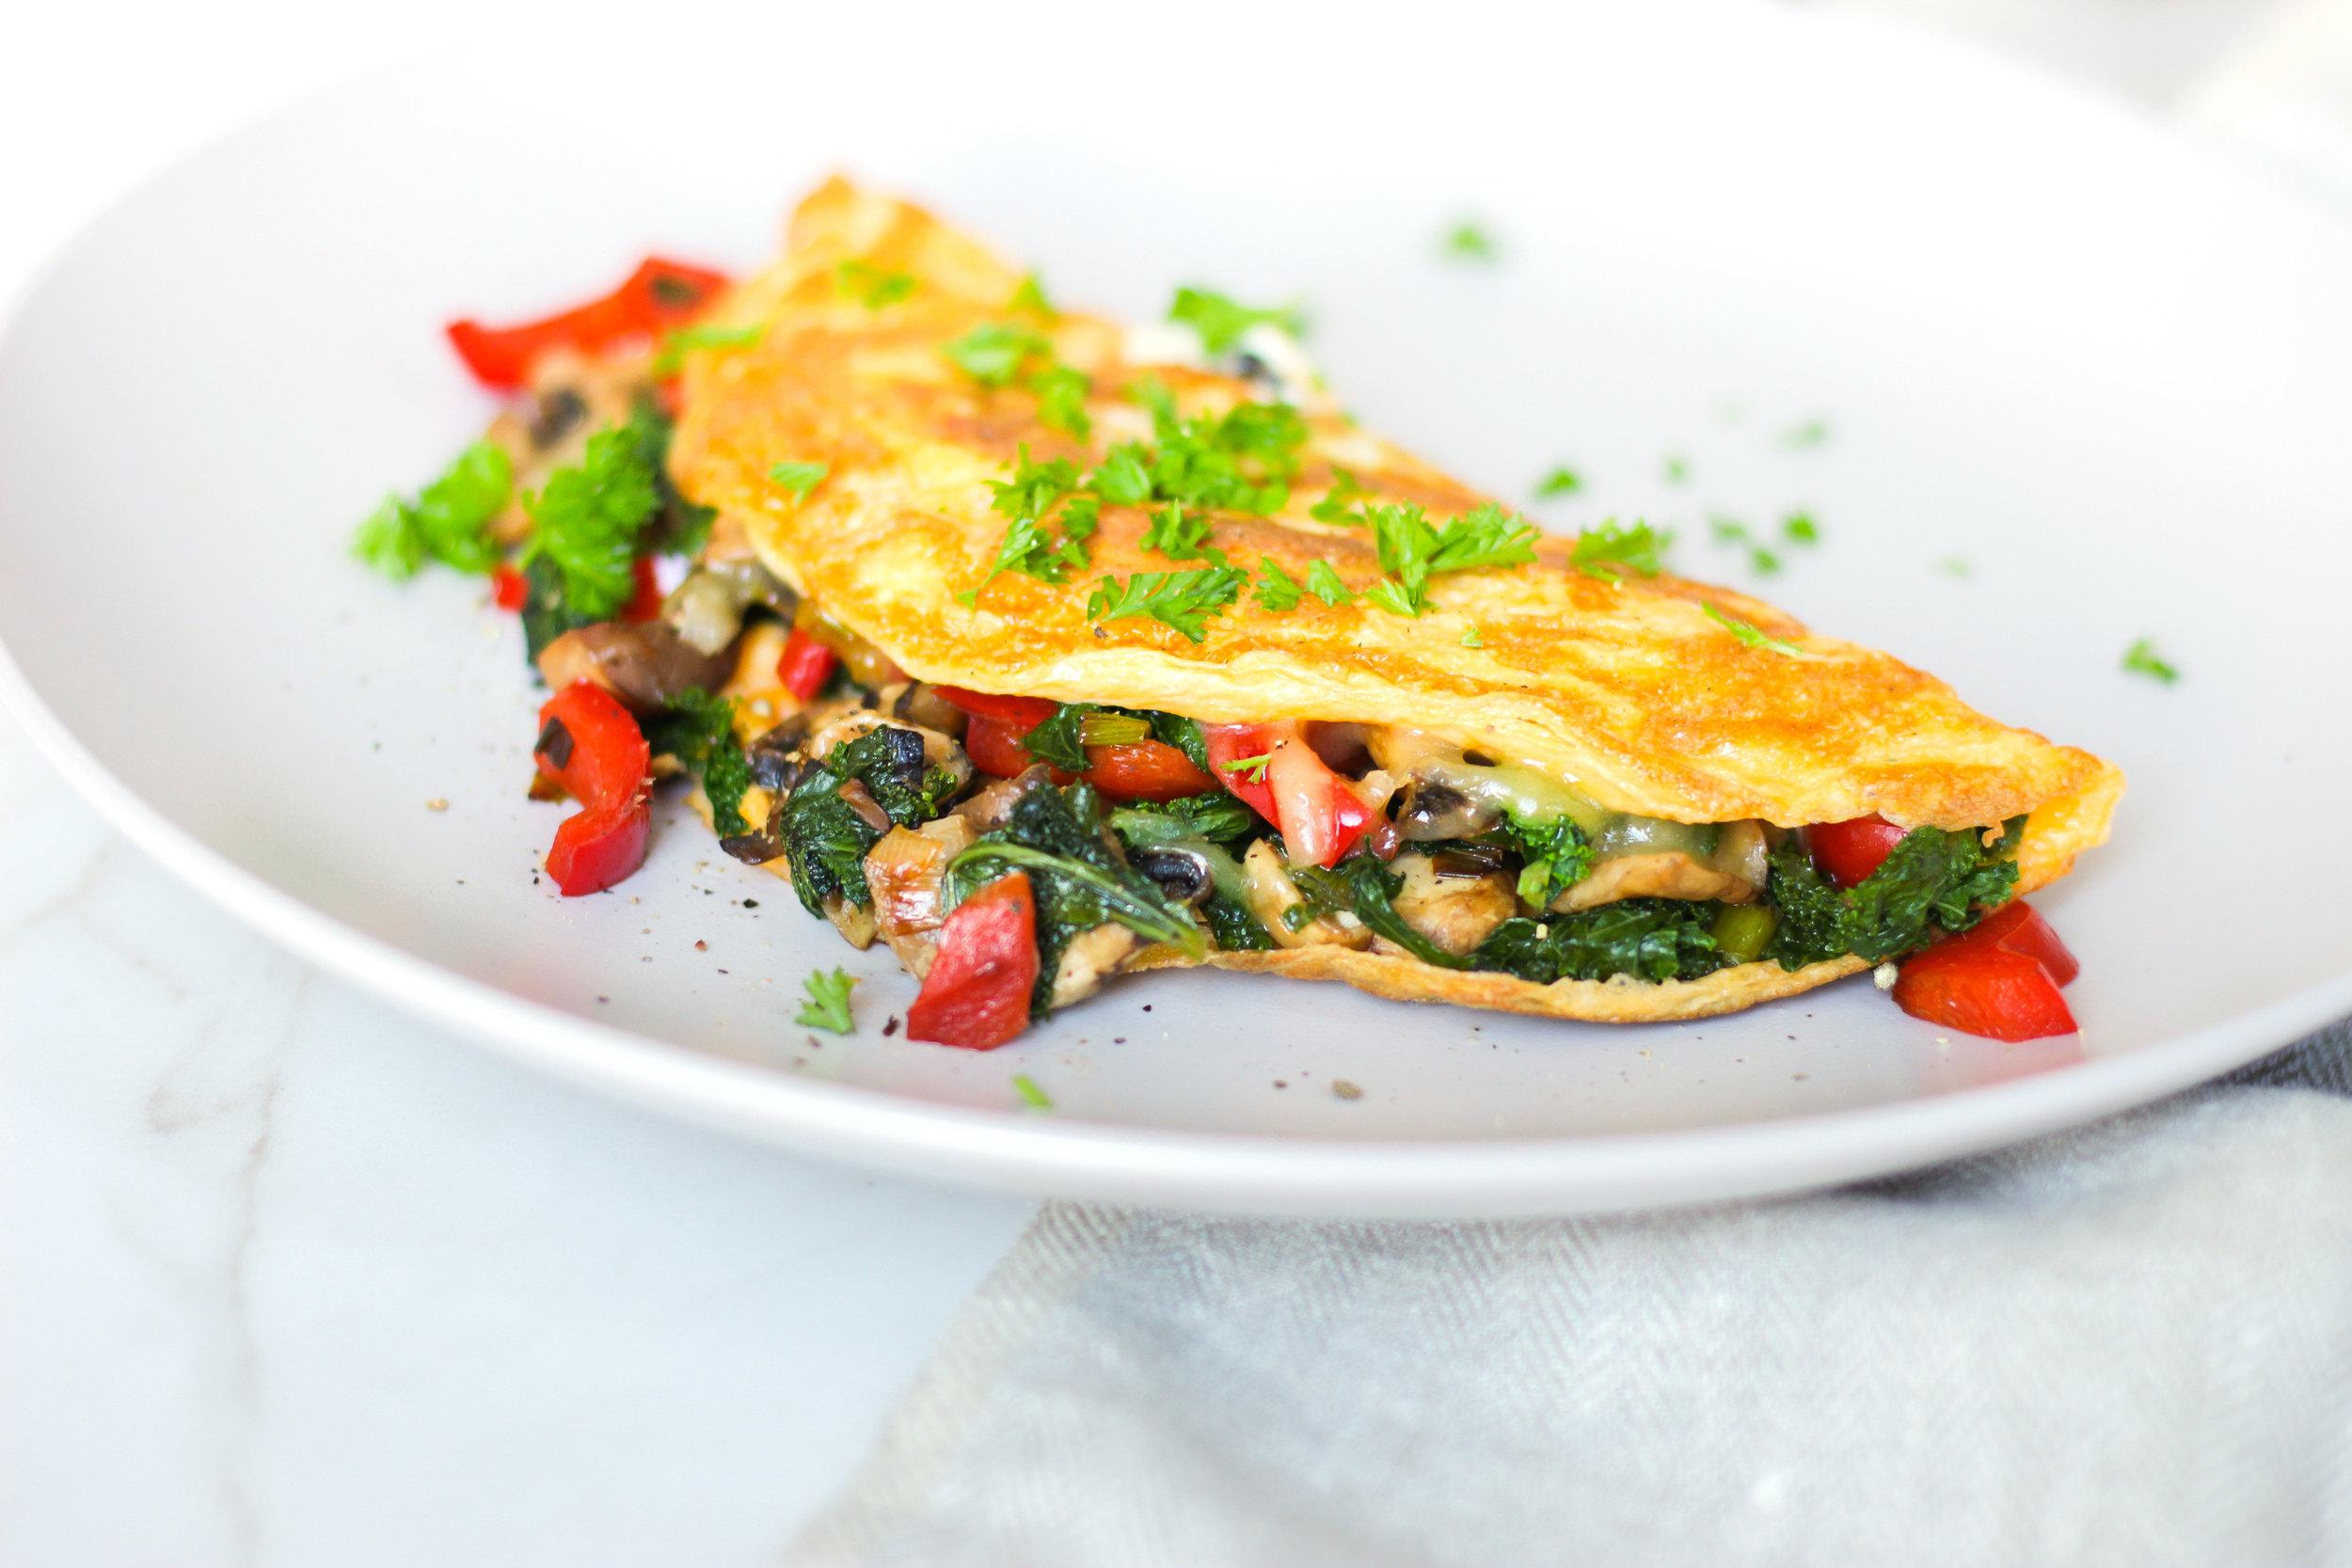 Breakfast Vegetable Omelette